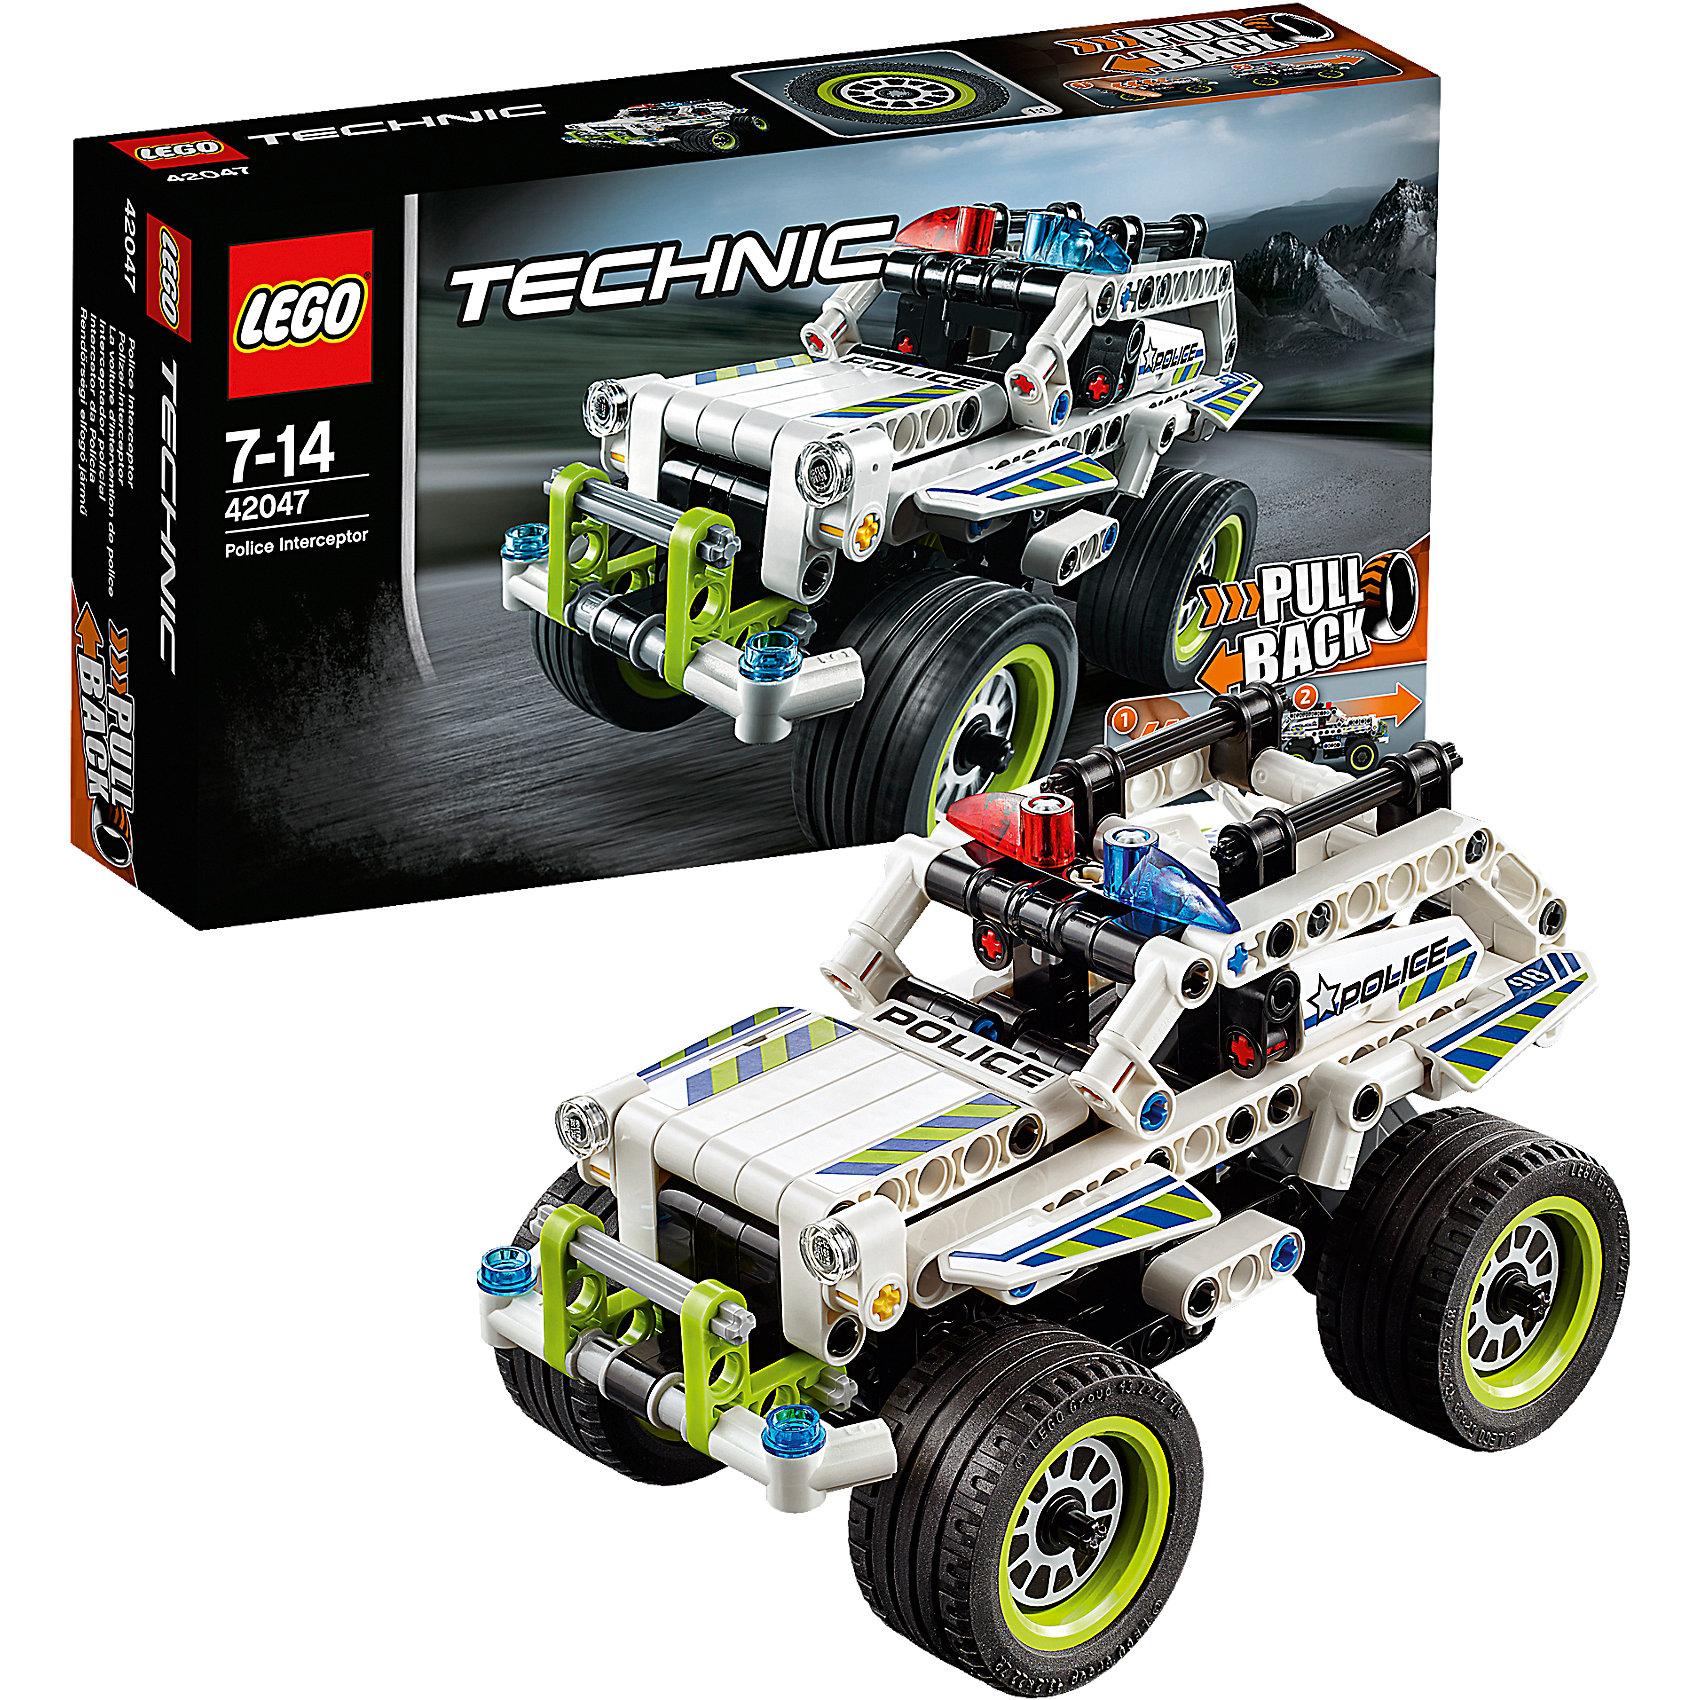 LEGO Technic 42047: Полицейский патрульПластмассовые конструкторы<br>Ускоряйся с головокружительной скоростью на этой удивительной модели, имеющей огромные экстра-широкие колесные диски с низкопрофильными шинами, красные и синие проблесковые полицейские маячки и тяжелый дополнительный бампер. Активируй мощный инерционный двигатель, чтобы запустить эту полноприводную полицейскую машину! Объедини с моделью Гоночный автомобиль для побега (42046) с инерционным двигателем, чтобы придумать ещё больше приключений на огромной скорости!<br><br>LEGO Technic  (Лего Техник) - серия конструкторов, позволяющая собрать функциональные, подробные, прекрасно детализированные, имеющие множество подвижных узлов, транспортные средства. В этой серии найдется техника на любой вкус: тракторы и экскаваторы, внедорожники и квадроциклы, самосвалы и гоночные автомобили. Даже самые простые из конструкторов lego technic дают вашему ребенку представление о том, как устроены машины, помогают развить моторику, мышление и умение работать по инструкции. <br><br>Дополнительная информация:<br><br>- Конструкторы ЛЕГО развивают усидчивость, внимание, фантазию и мелкую моторику. <br>- Комплектация: автомобиль.<br>- Количество деталей: 185<br>- Серия LEGO Technic  (Лего Техник).<br>- Материал: пластик.<br>- Размер упаковки: 26х6х14 см.<br>- Вес: 0.3 кг.<br><br>LEGO Technic 42047: Полицейский патруль можно купить в нашем магазине.<br><br>Ширина мм: 264<br>Глубина мм: 144<br>Высота мм: 63<br>Вес г: 321<br>Возраст от месяцев: 84<br>Возраст до месяцев: 168<br>Пол: Мужской<br>Возраст: Детский<br>SKU: 4259020